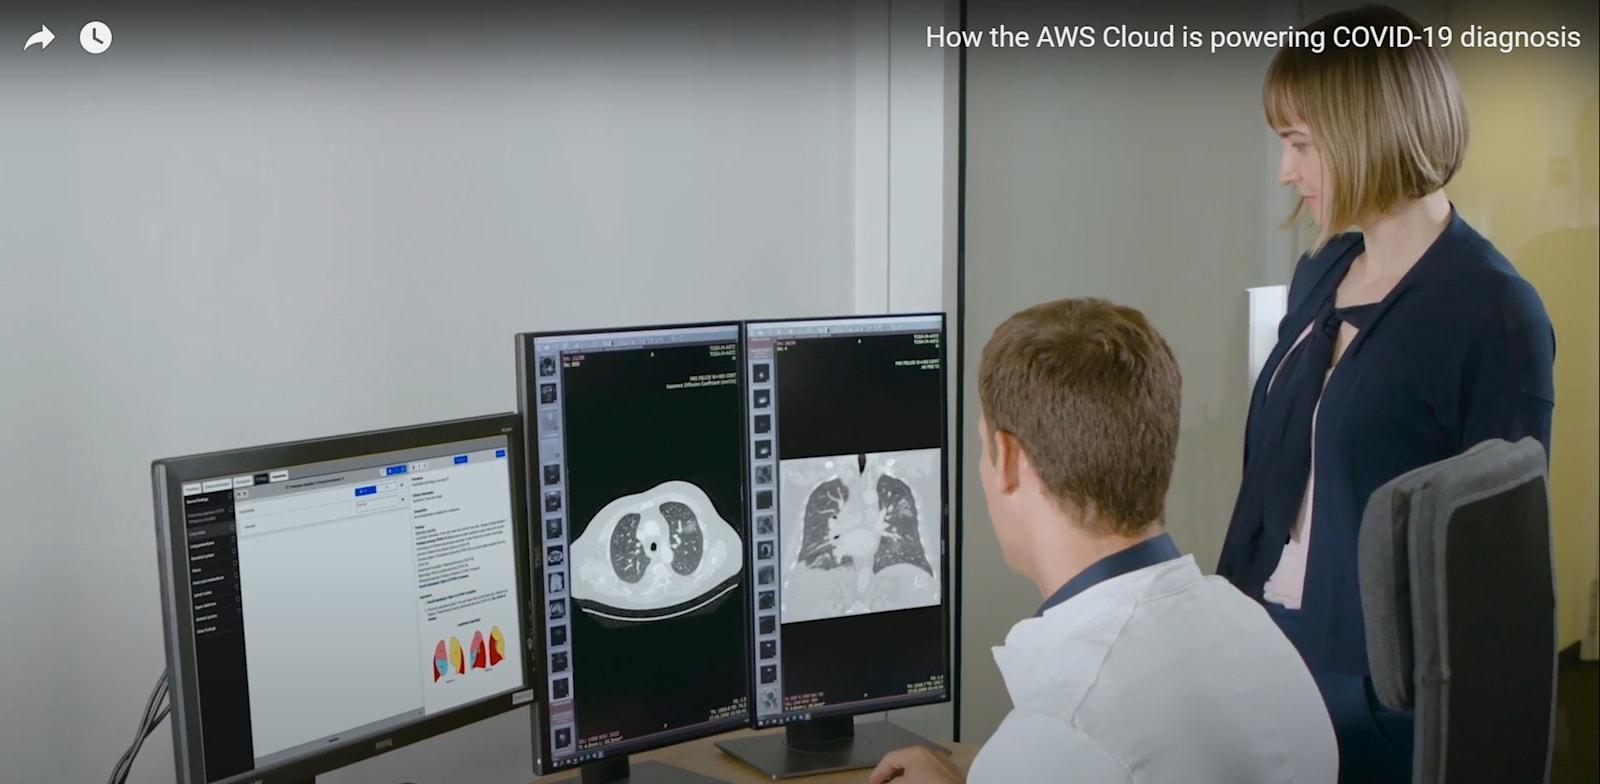 שיתוף פעולה של חברות מגרמניה והולנד,בתמיכת פרויקט אבחון הקורונה של AWS / צילום: מתוך  סרטון יוטיוב של SWA